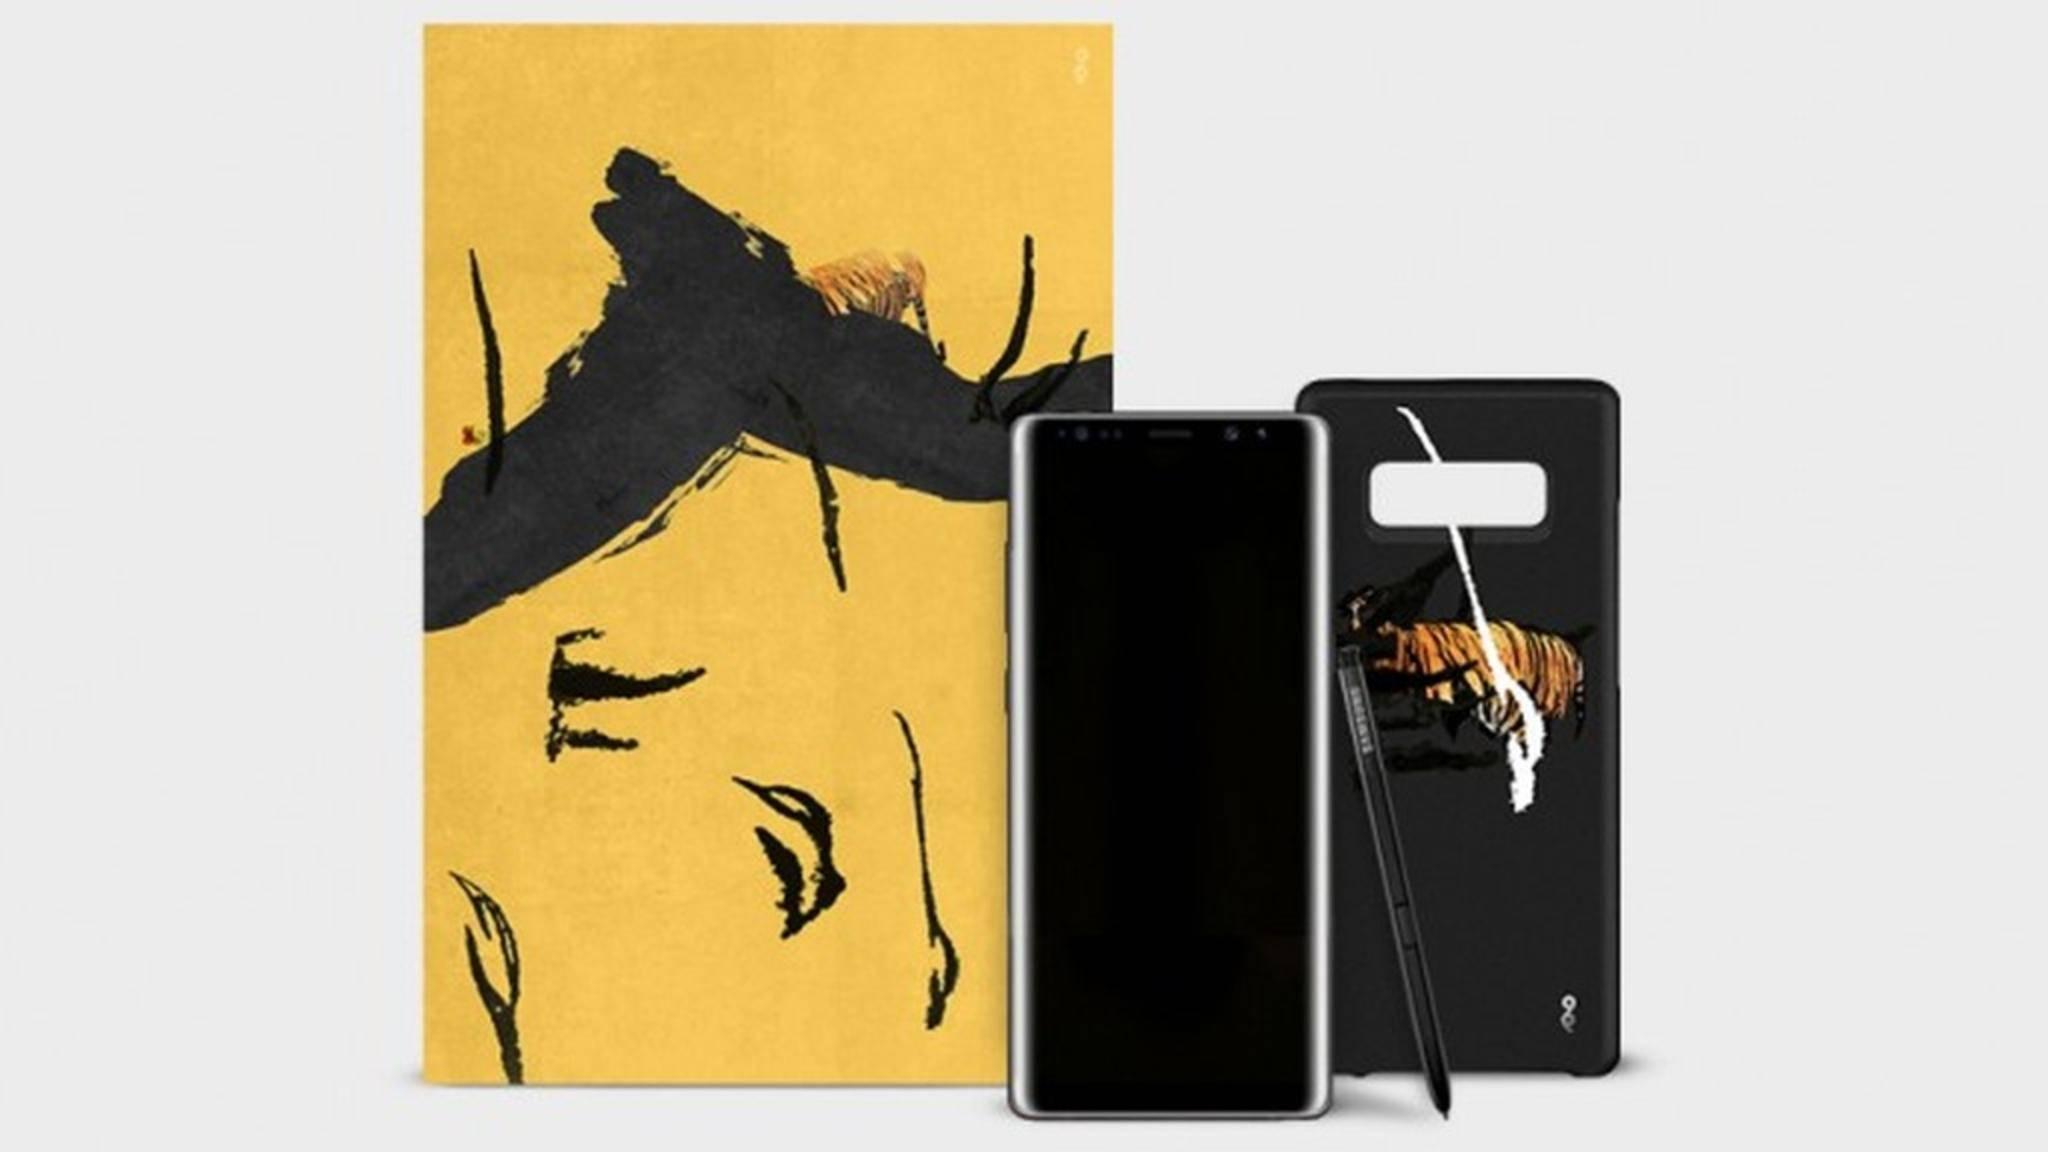 Das Galaxy Note 8 ist als 1550 Euro teure Special Edition erschienen.